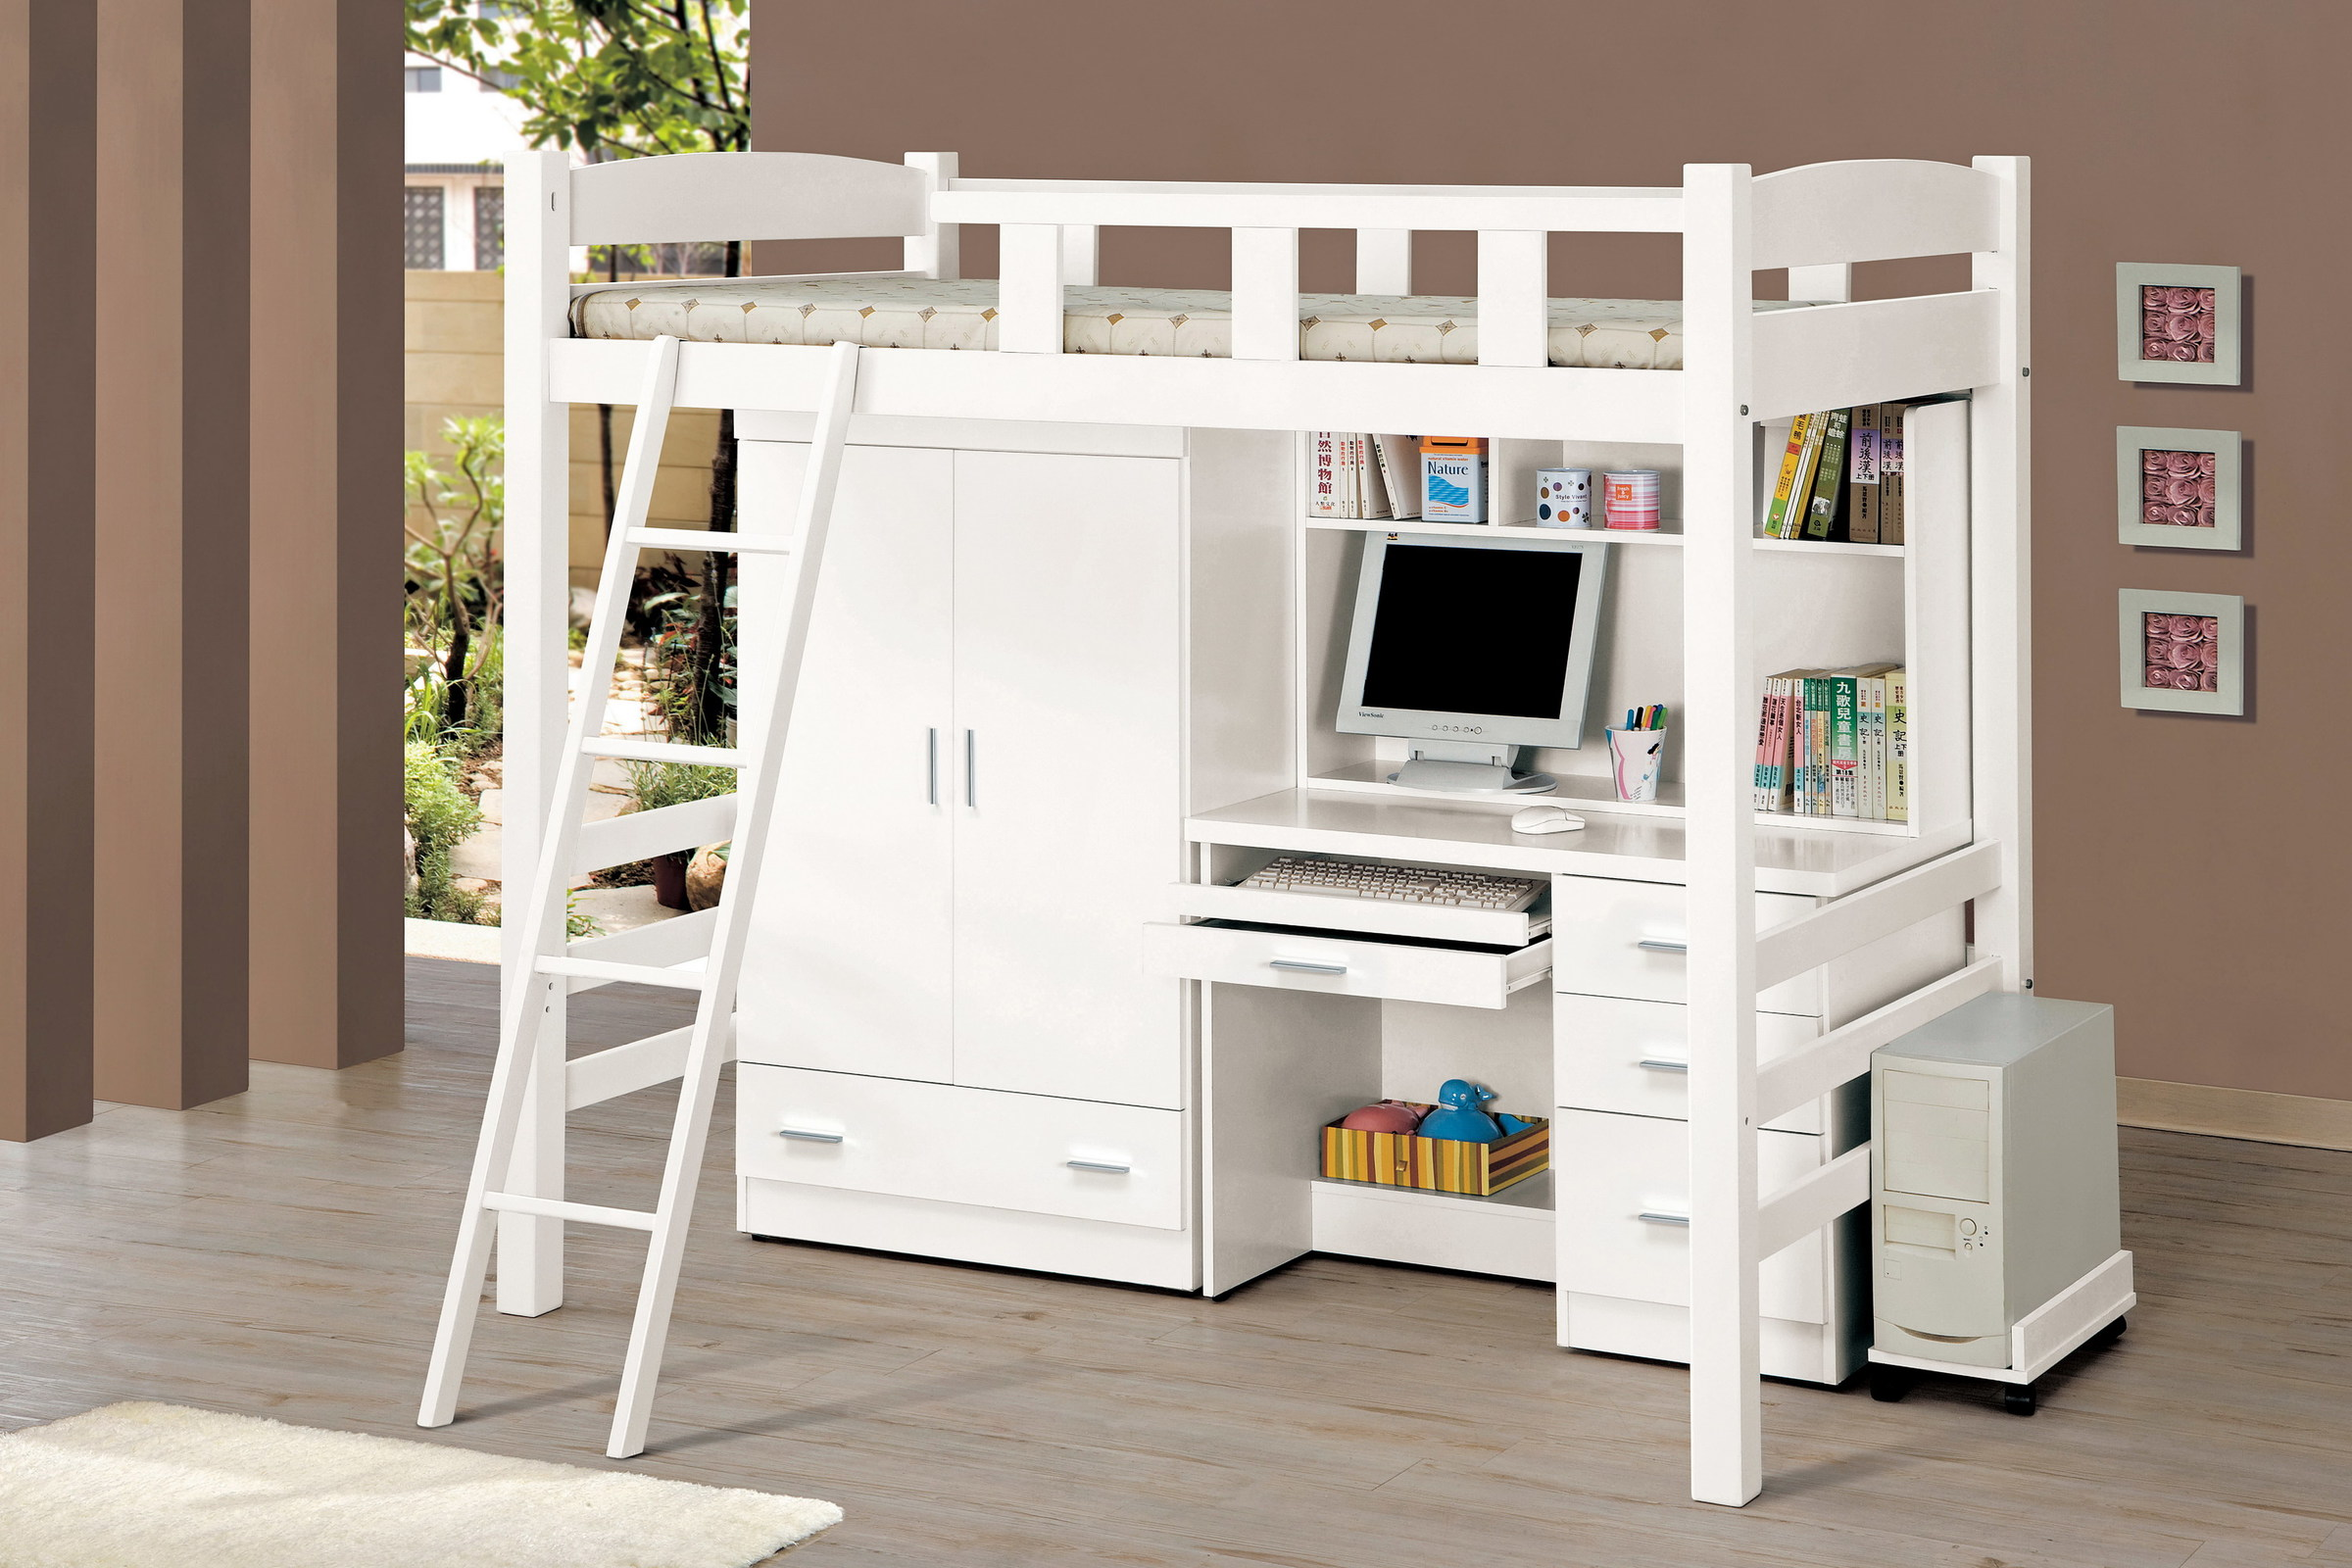 185-1 貝莎3.8尺白色多功能挑高組合床.jpg